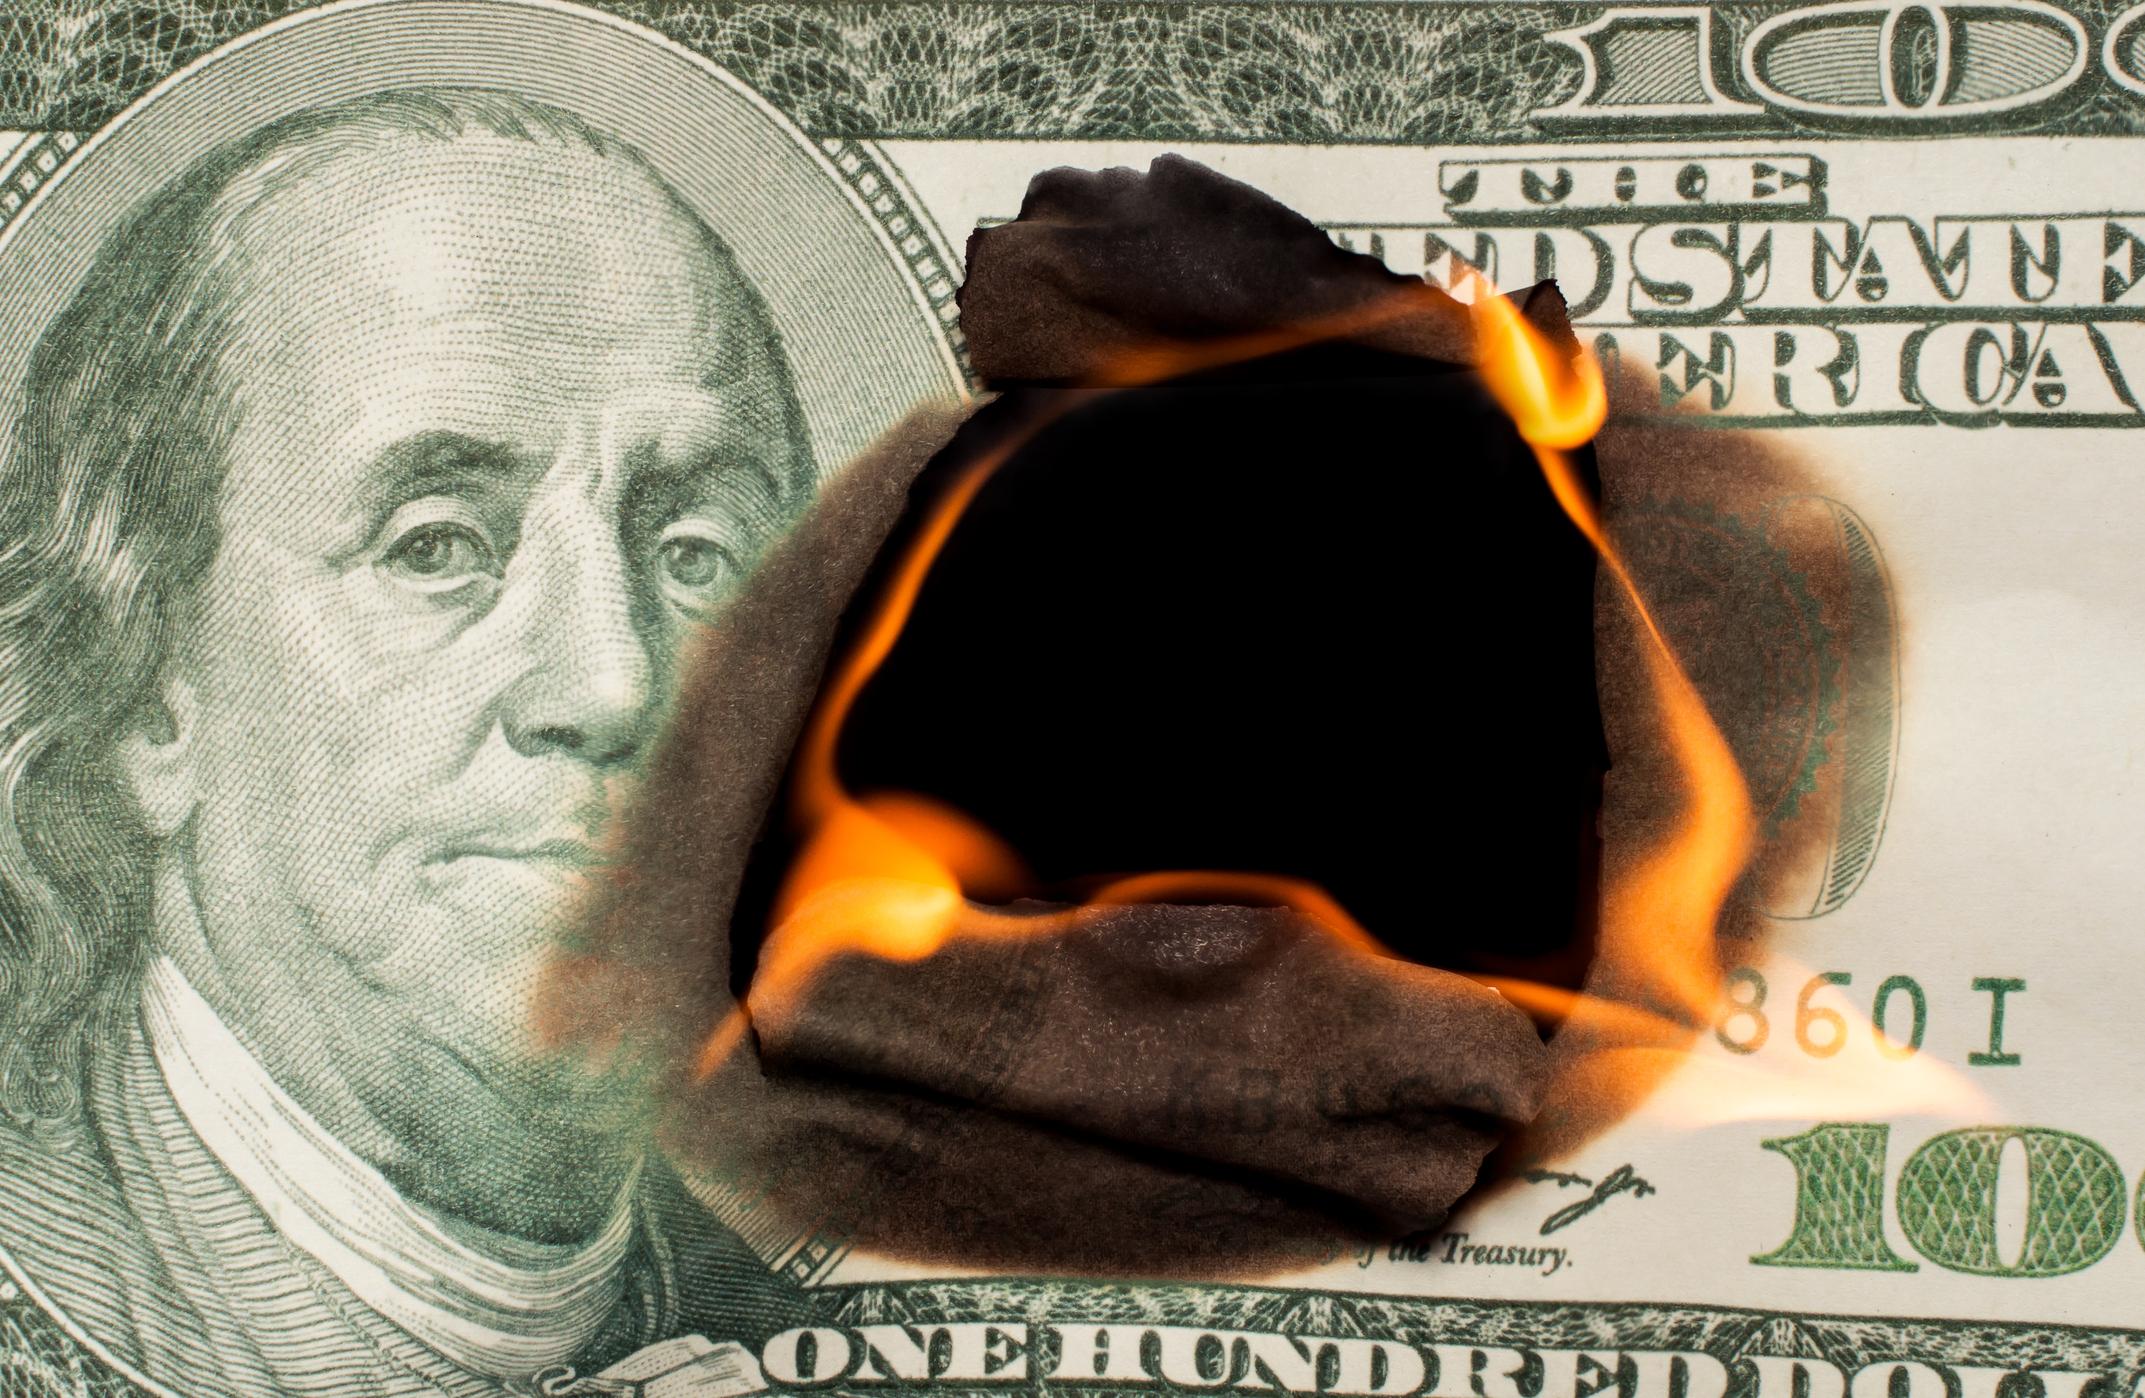 A hundred dollar bill on fire.